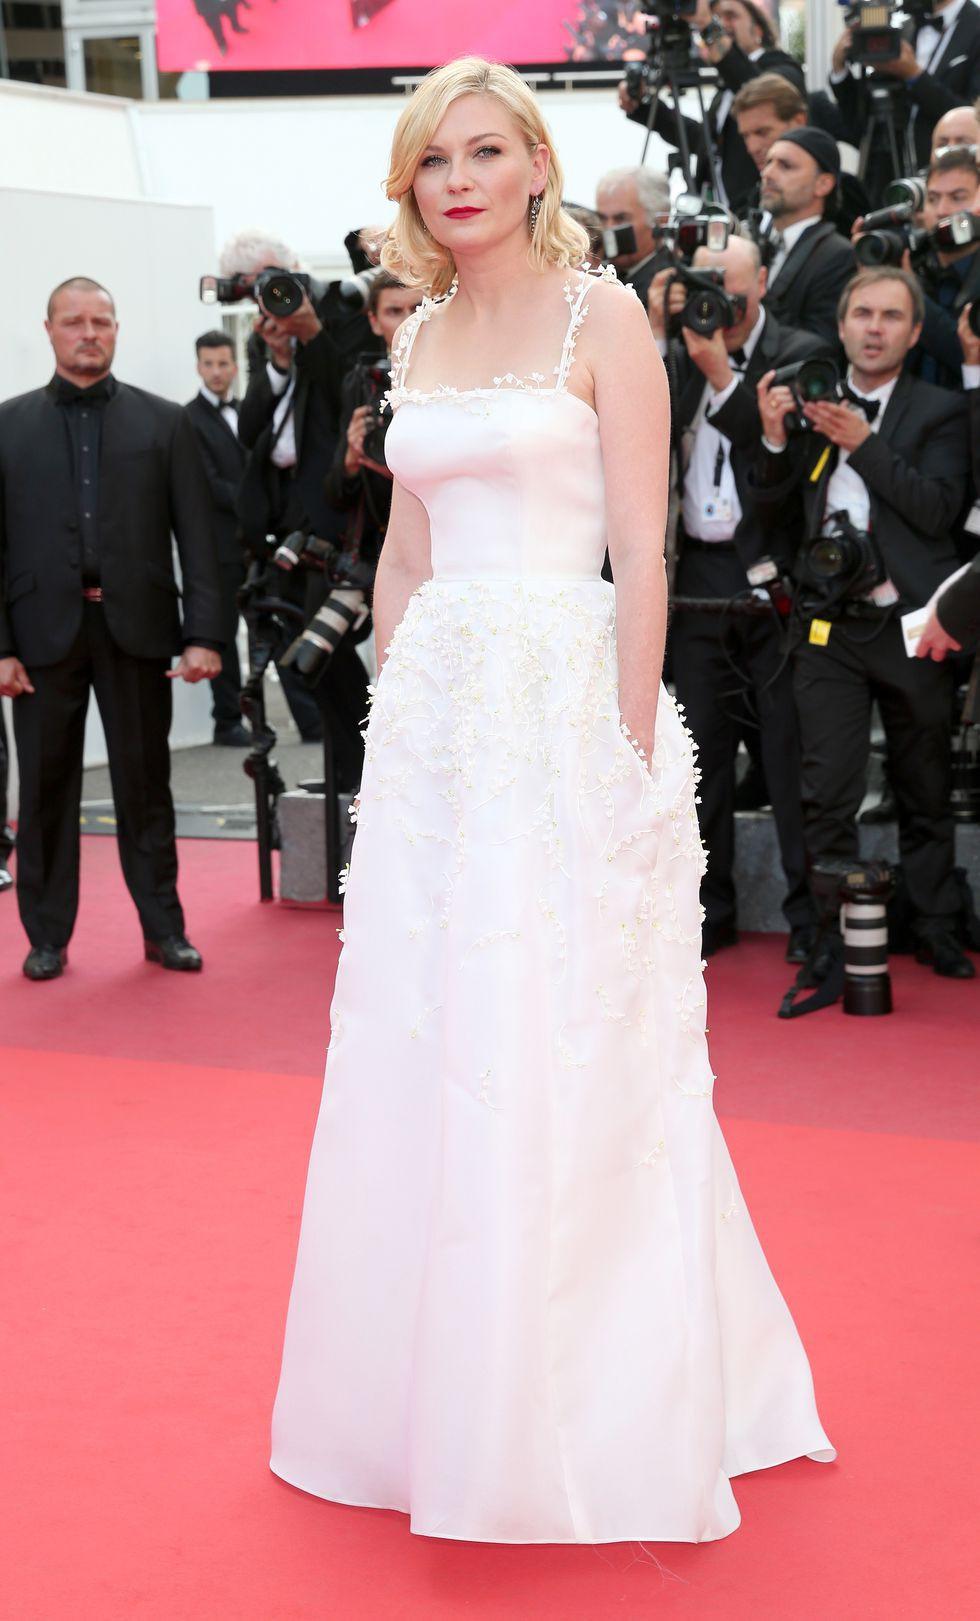 30 màn thả dáng có thần thái đi vào huyền thoại Cannes: Không cần trò vạch, phơi lồng lộn vẫn chiếm trọn spotlight! - Ảnh 23.